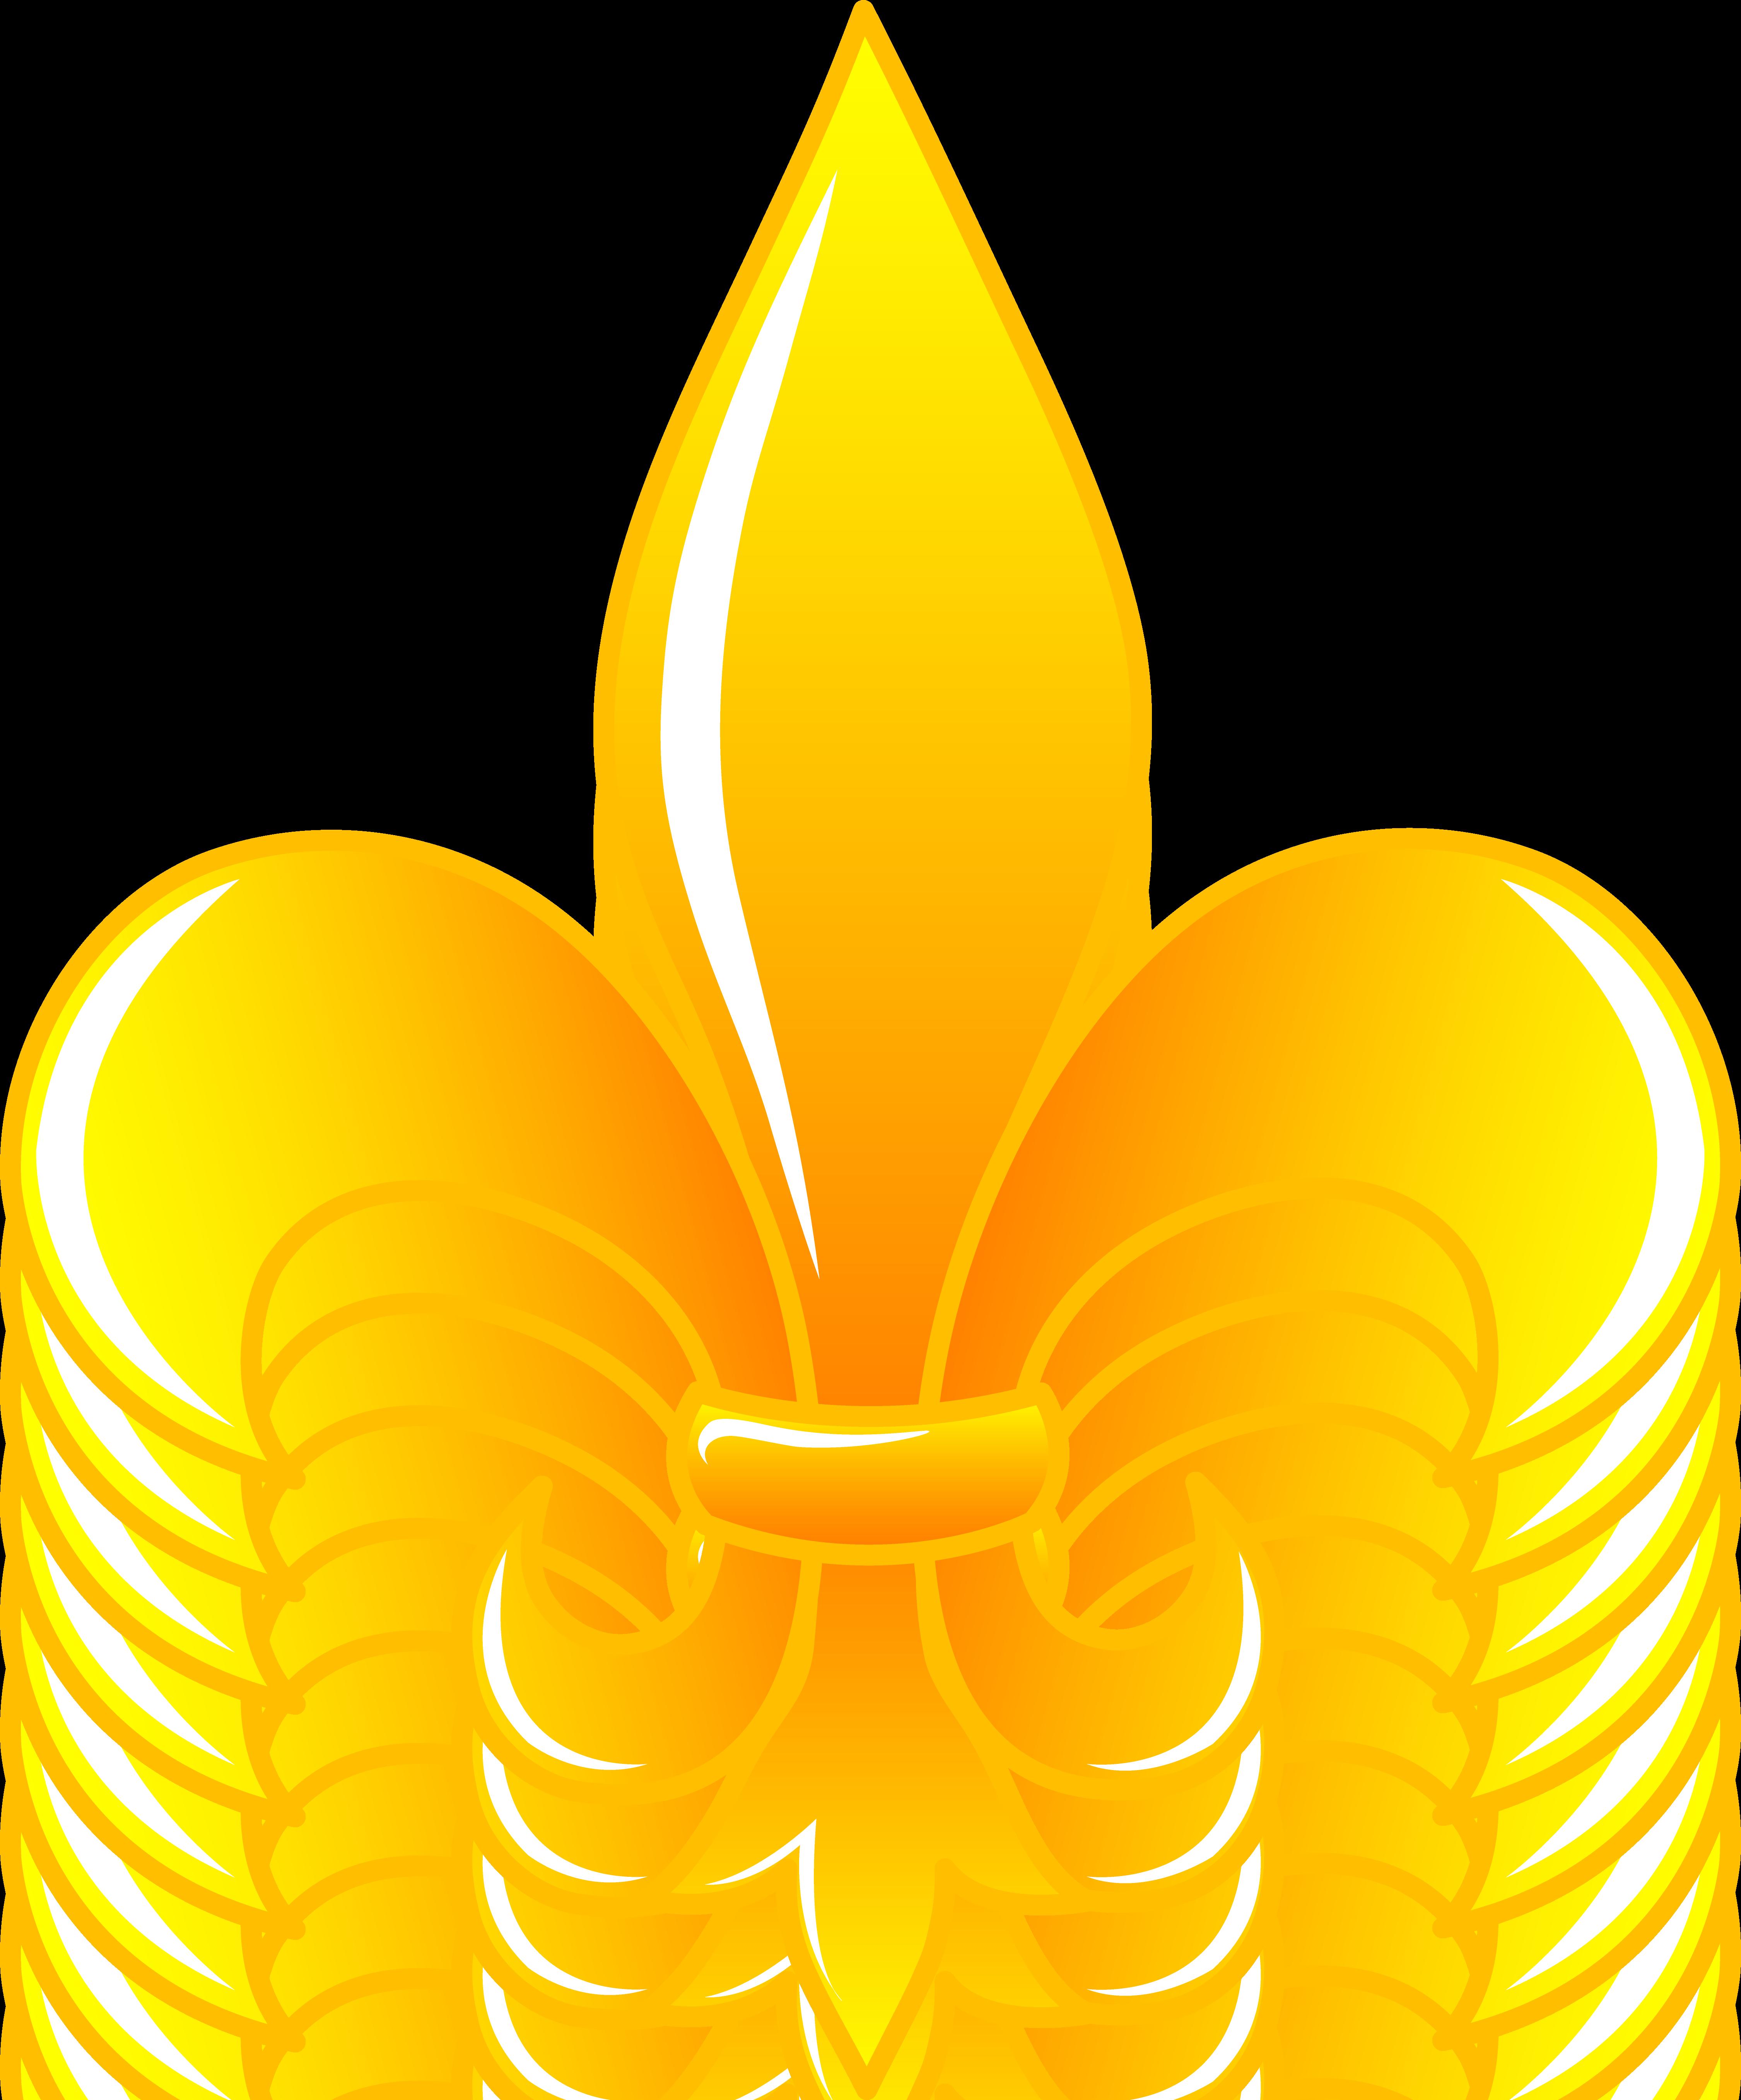 Boy scout fleurdelis free download best boy scout fleurdelis on 4501x5429 fleur de lis clipart buycottarizona Images